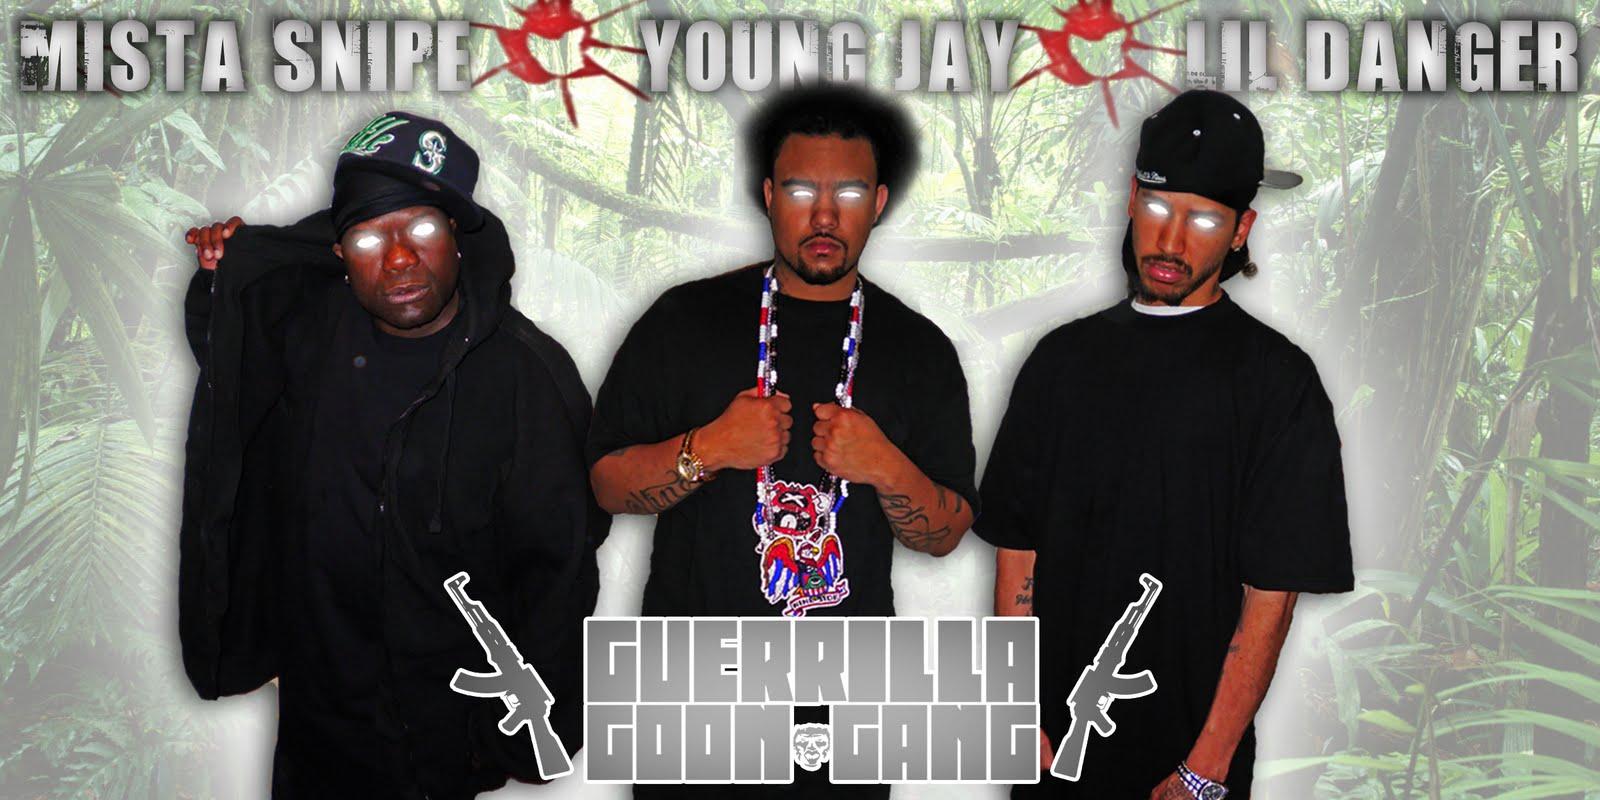 Guerrilla Goon Gang